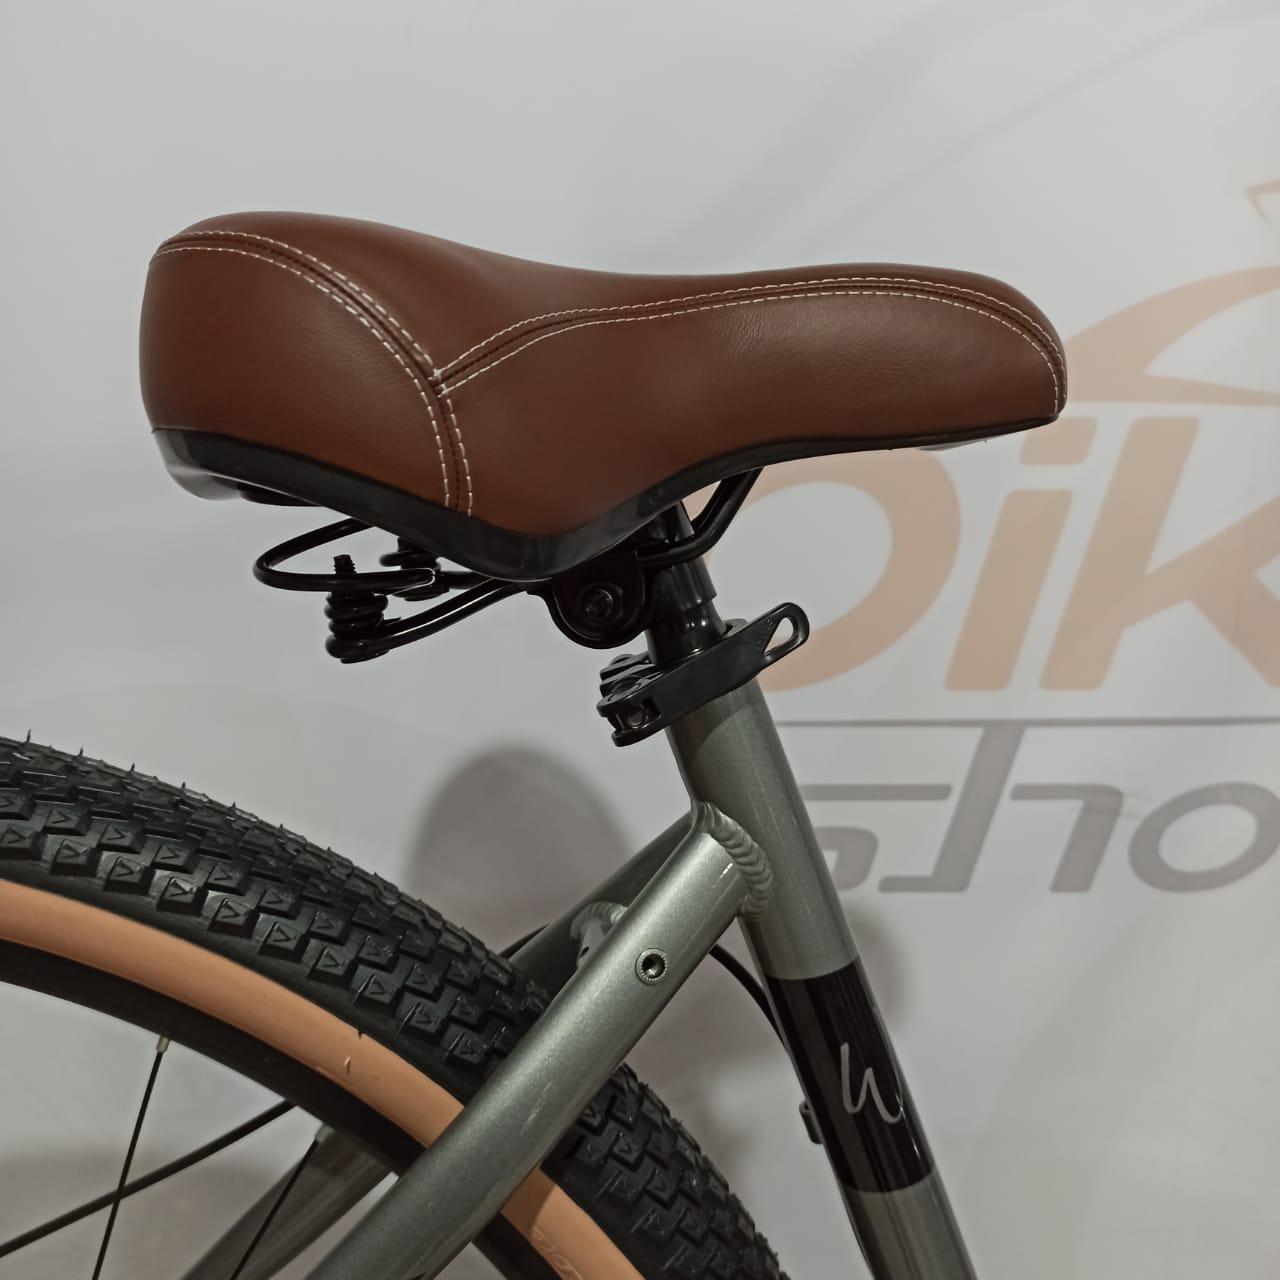 Bicicleta RAVA Way aro 29 - 7v Shimano Altus - Freio a disco - Suspensão Vortex